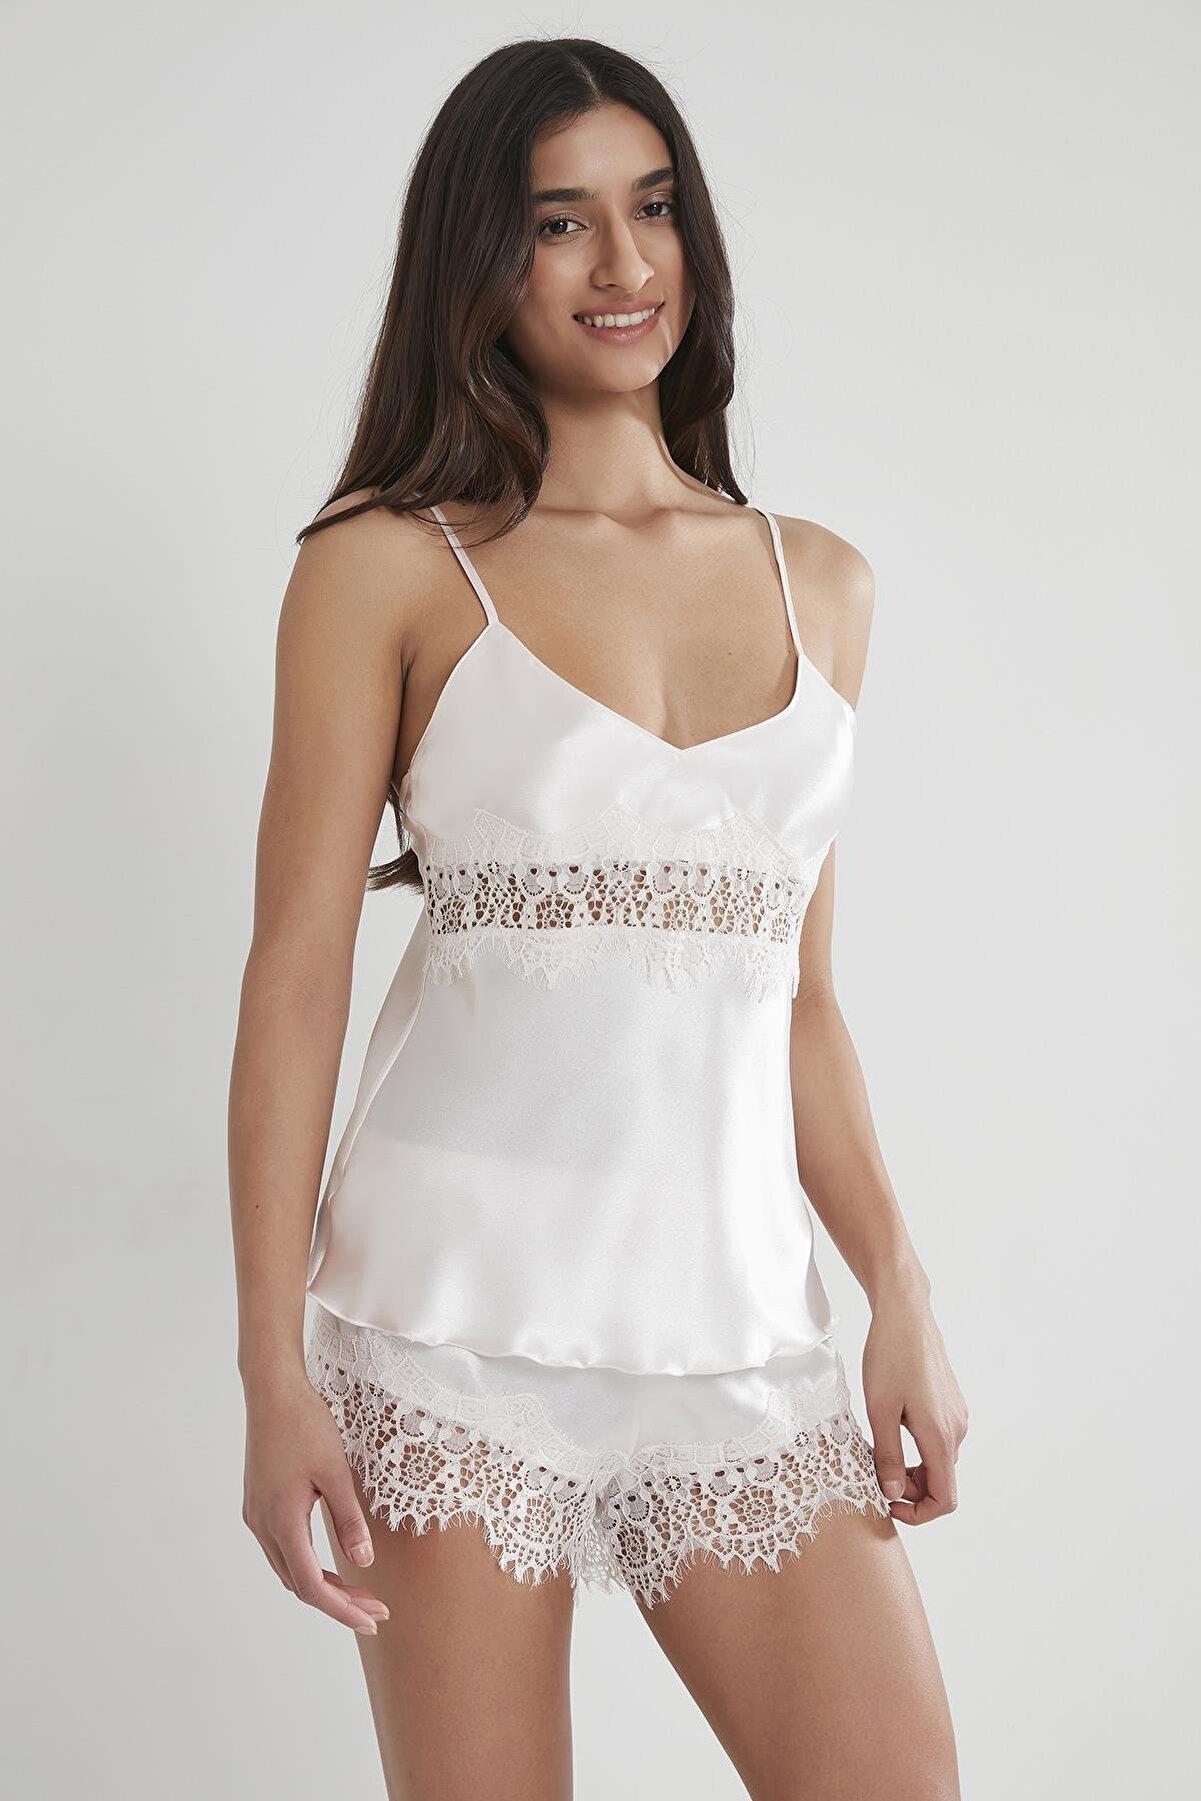 Pierre Cardin Kadın Saten Dantelli Pijama Şort Takım - 435 İnci